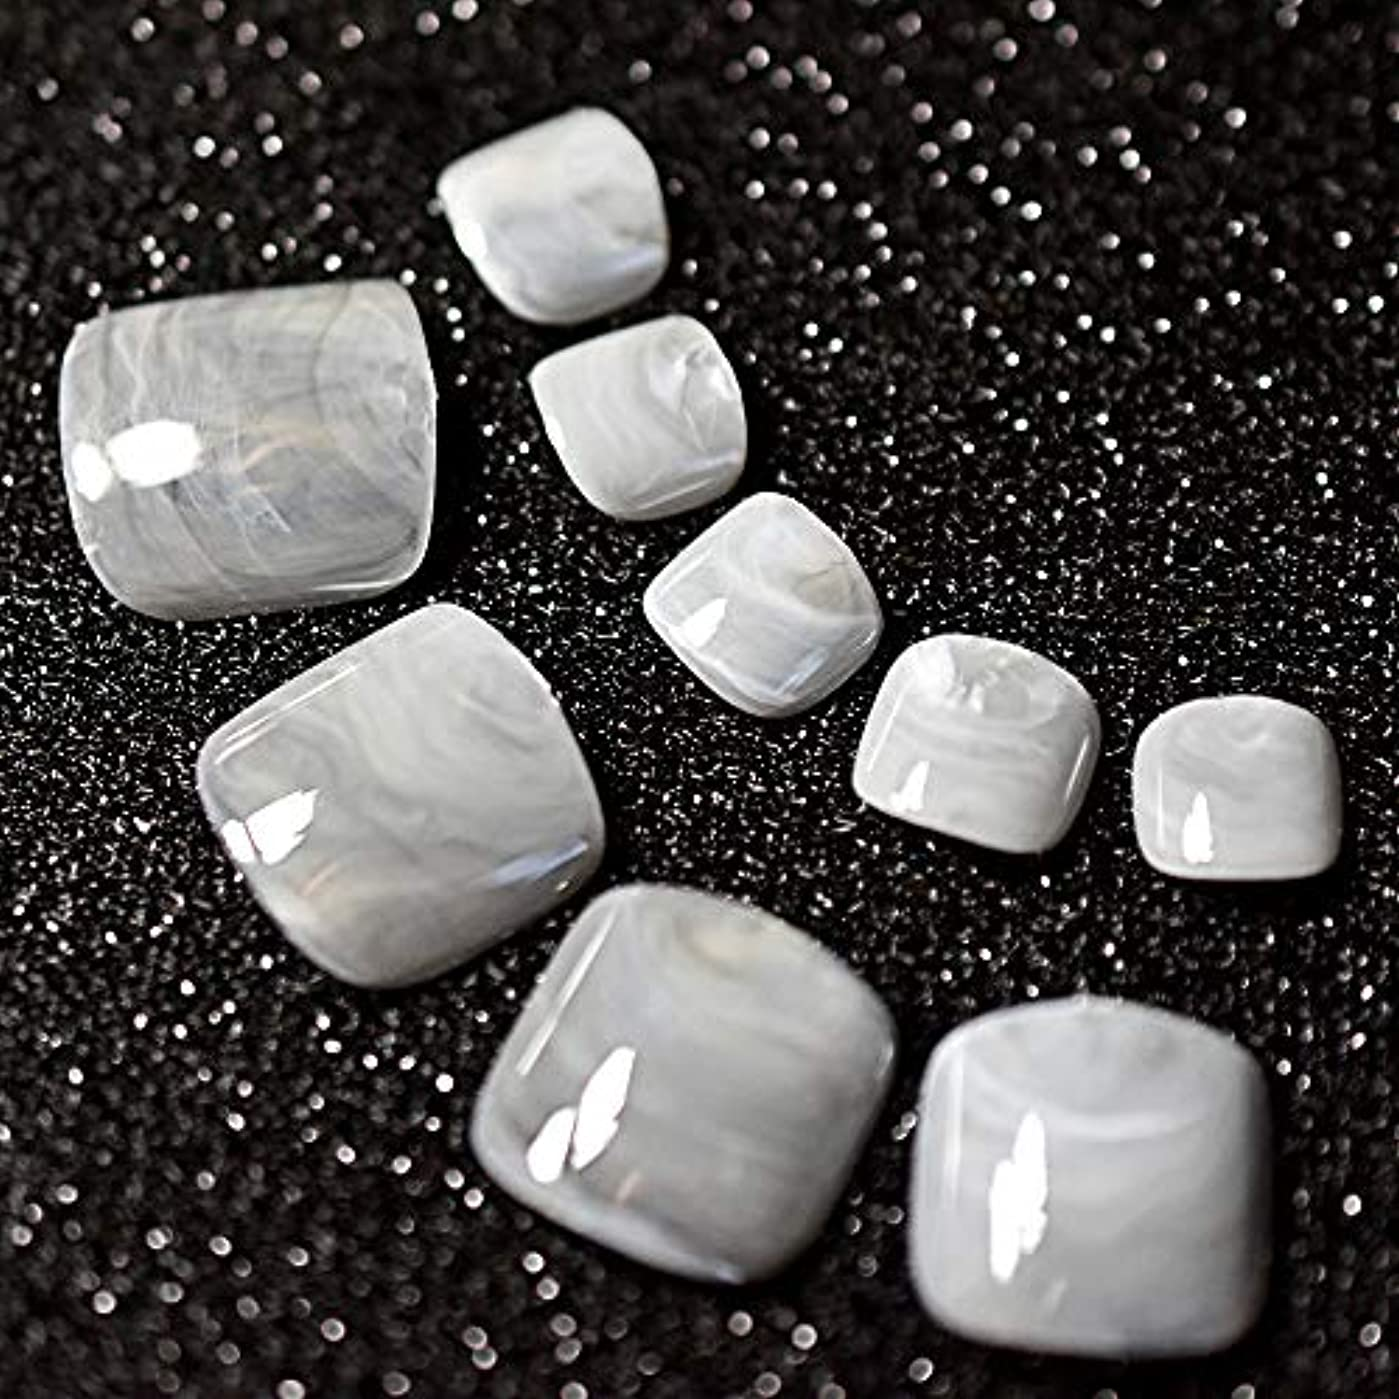 中毒ライン前兆XUTXZKA 24ピースグレー大理石の足の爪偽の人工足の爪足の化粧の装飾のためのヒント